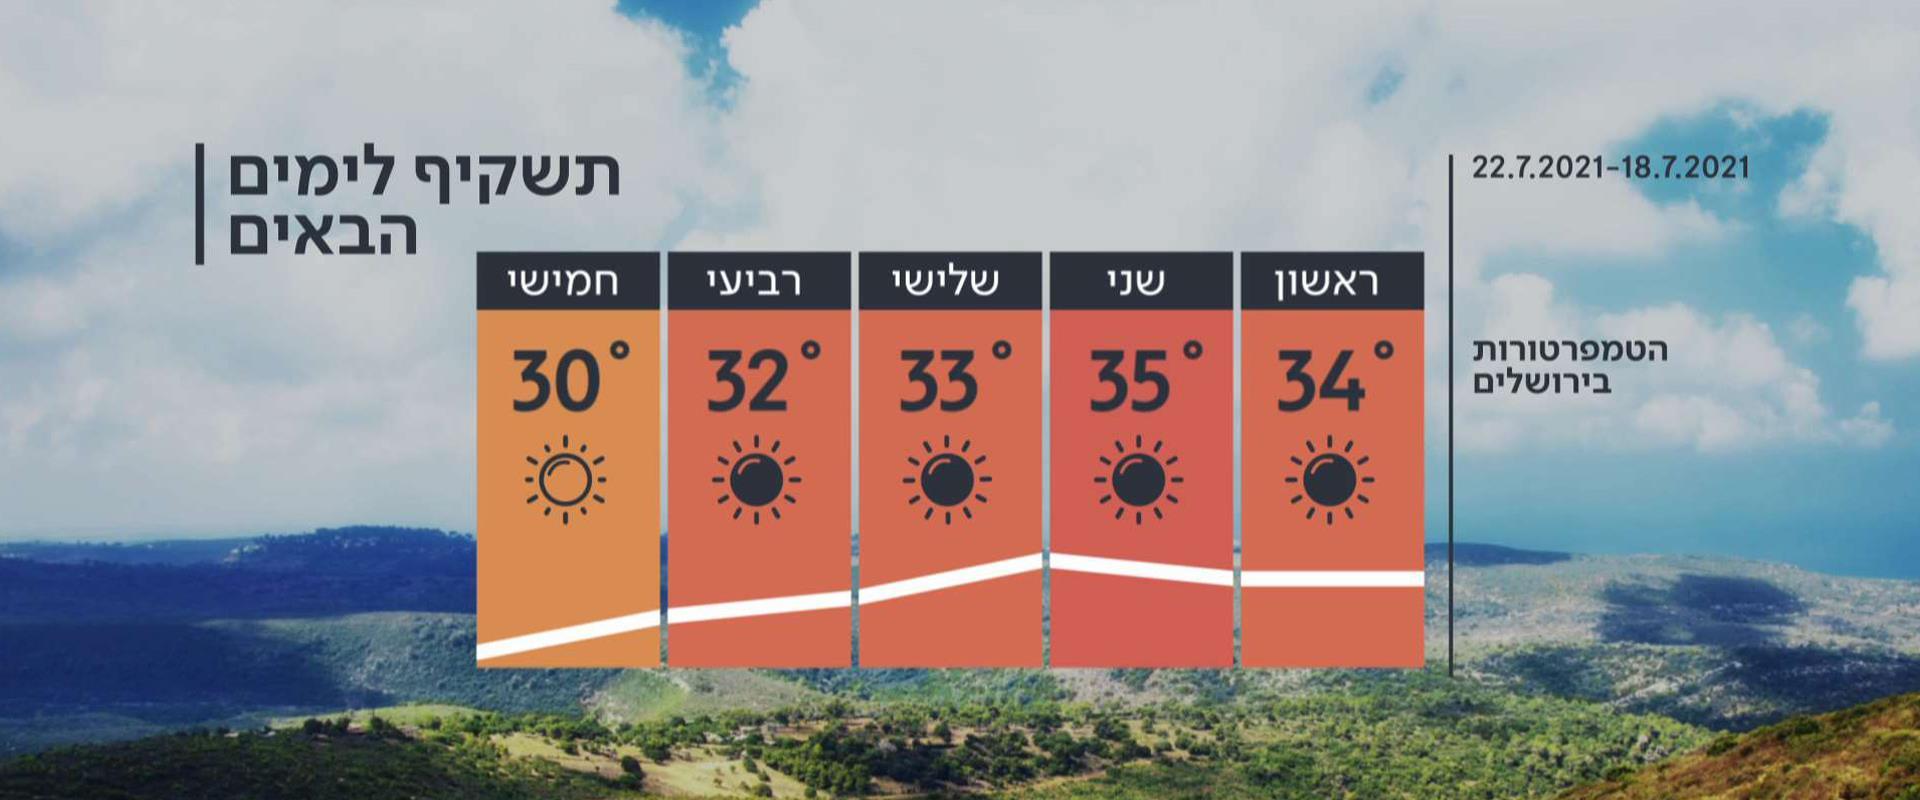 תחזית מזג האוויר, 17.7.21